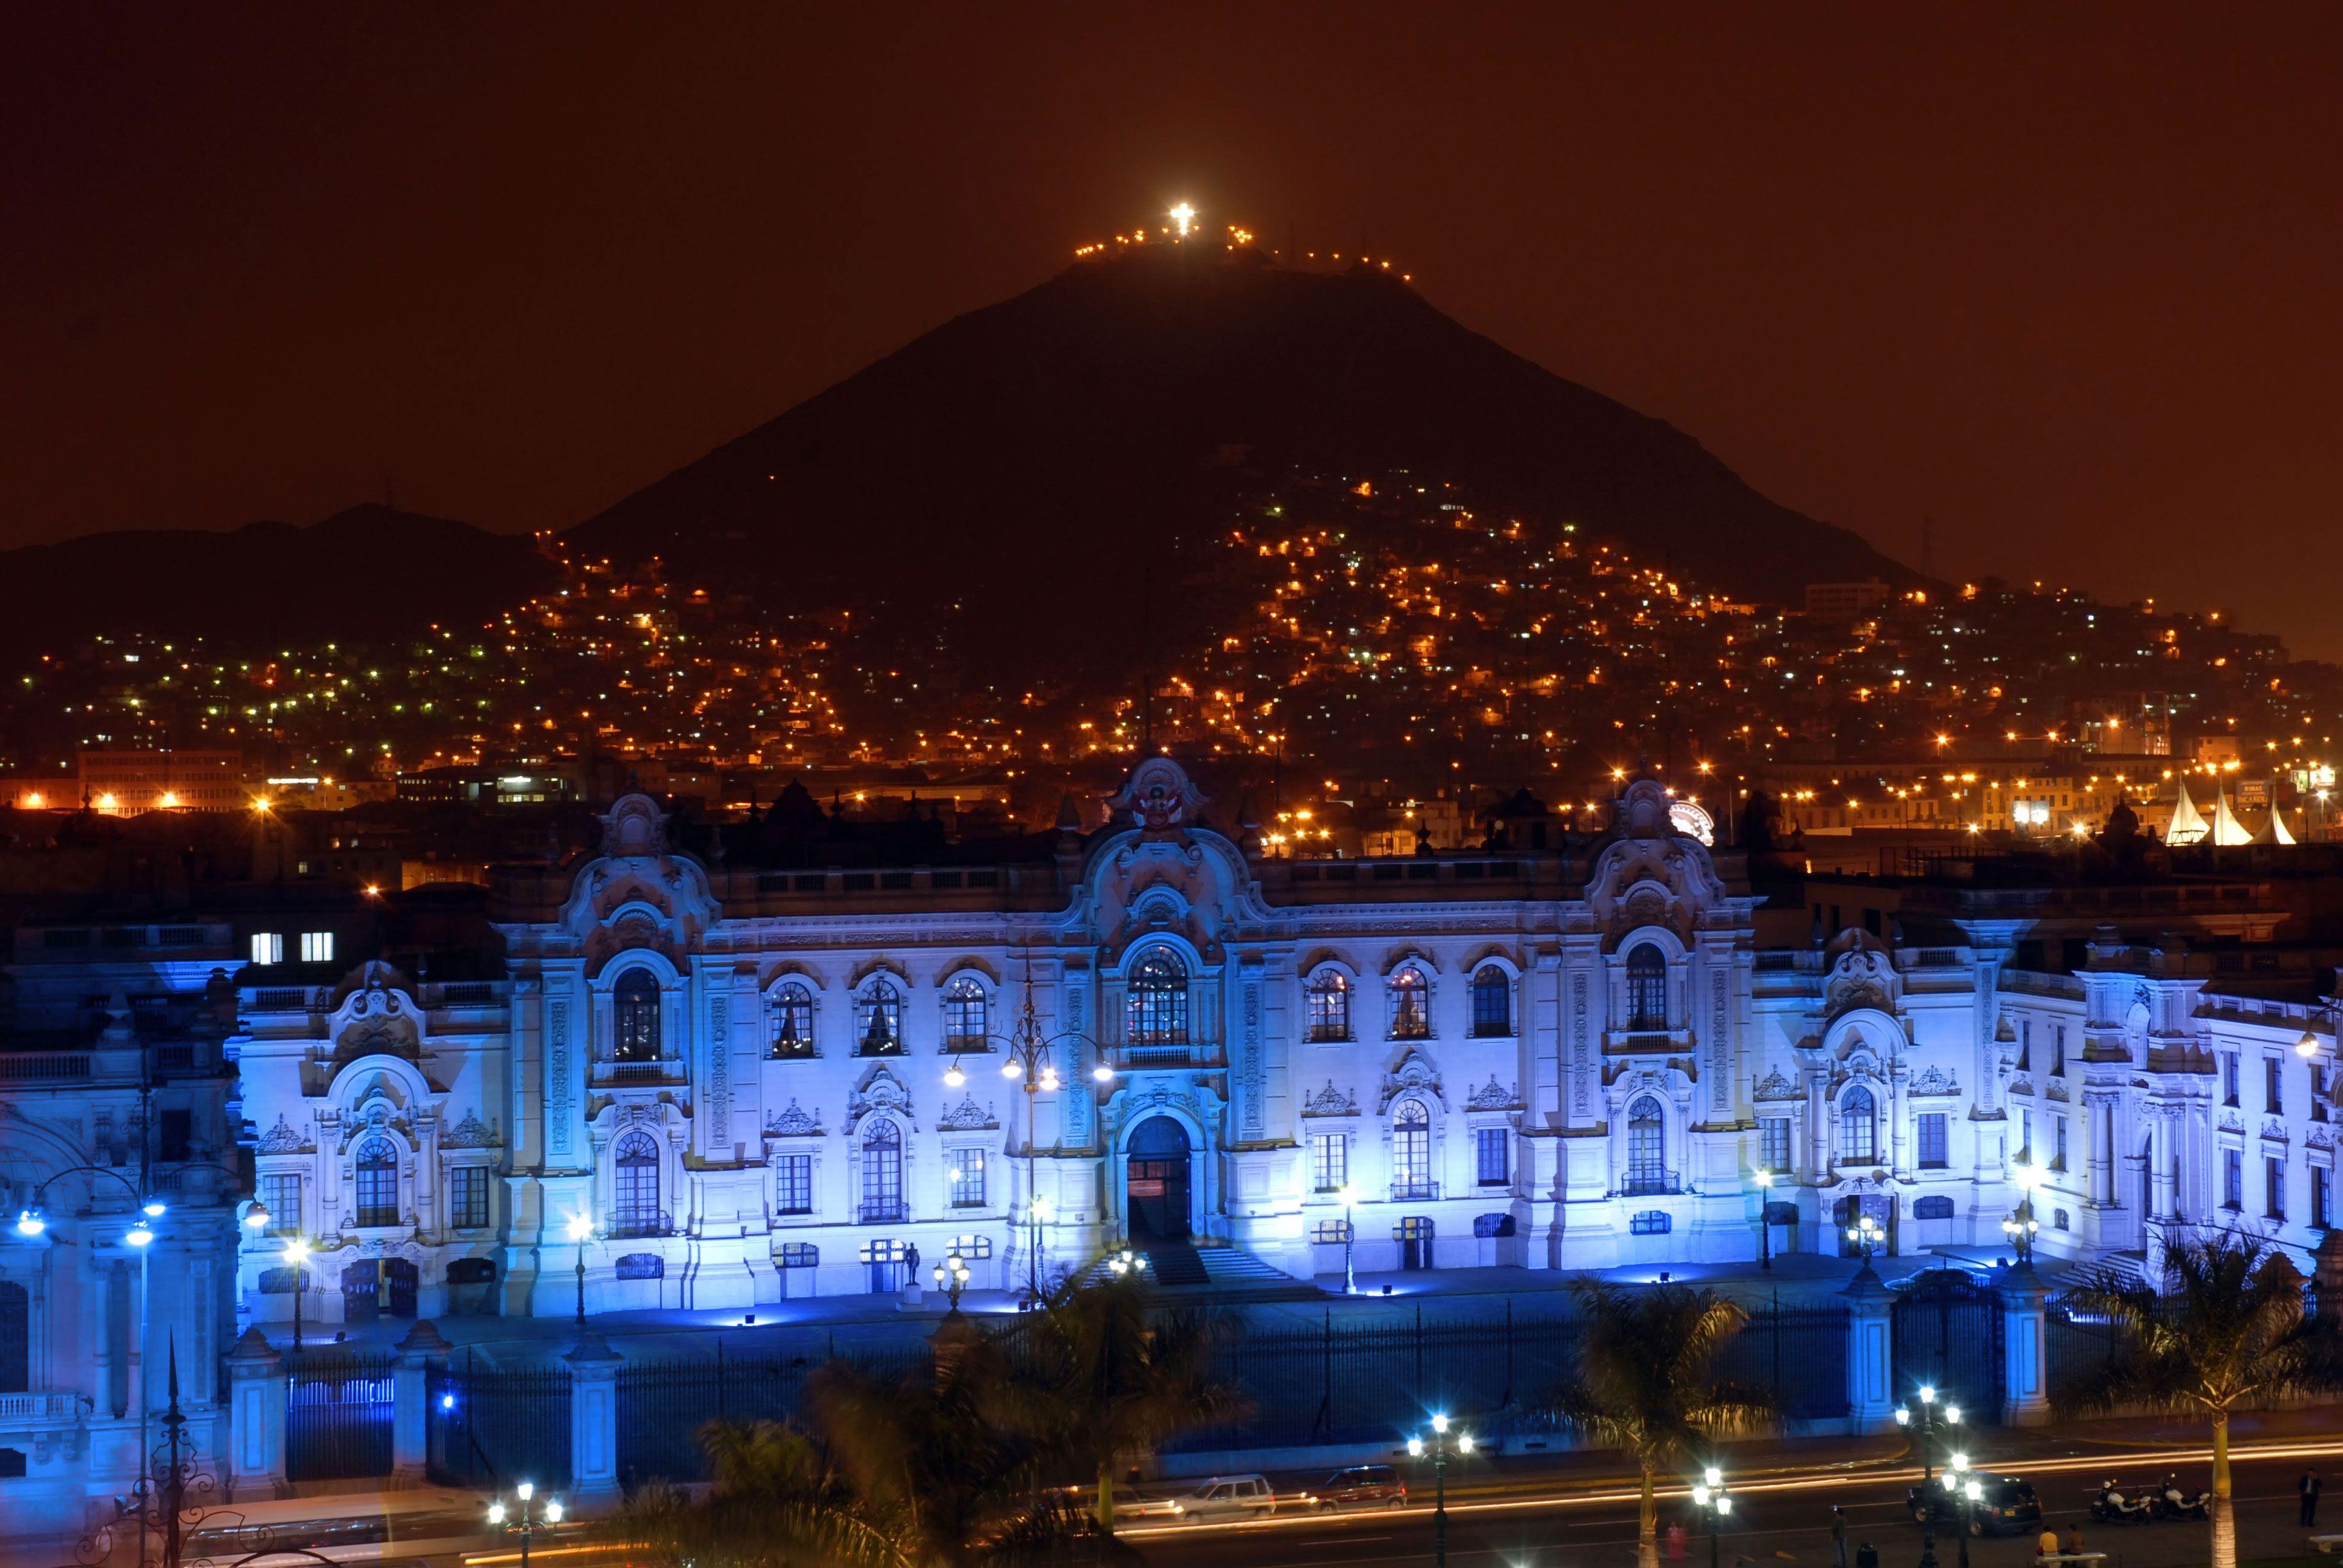 Panoramica de Palacio de Gobierno con el cerro San Cristobal de fondo